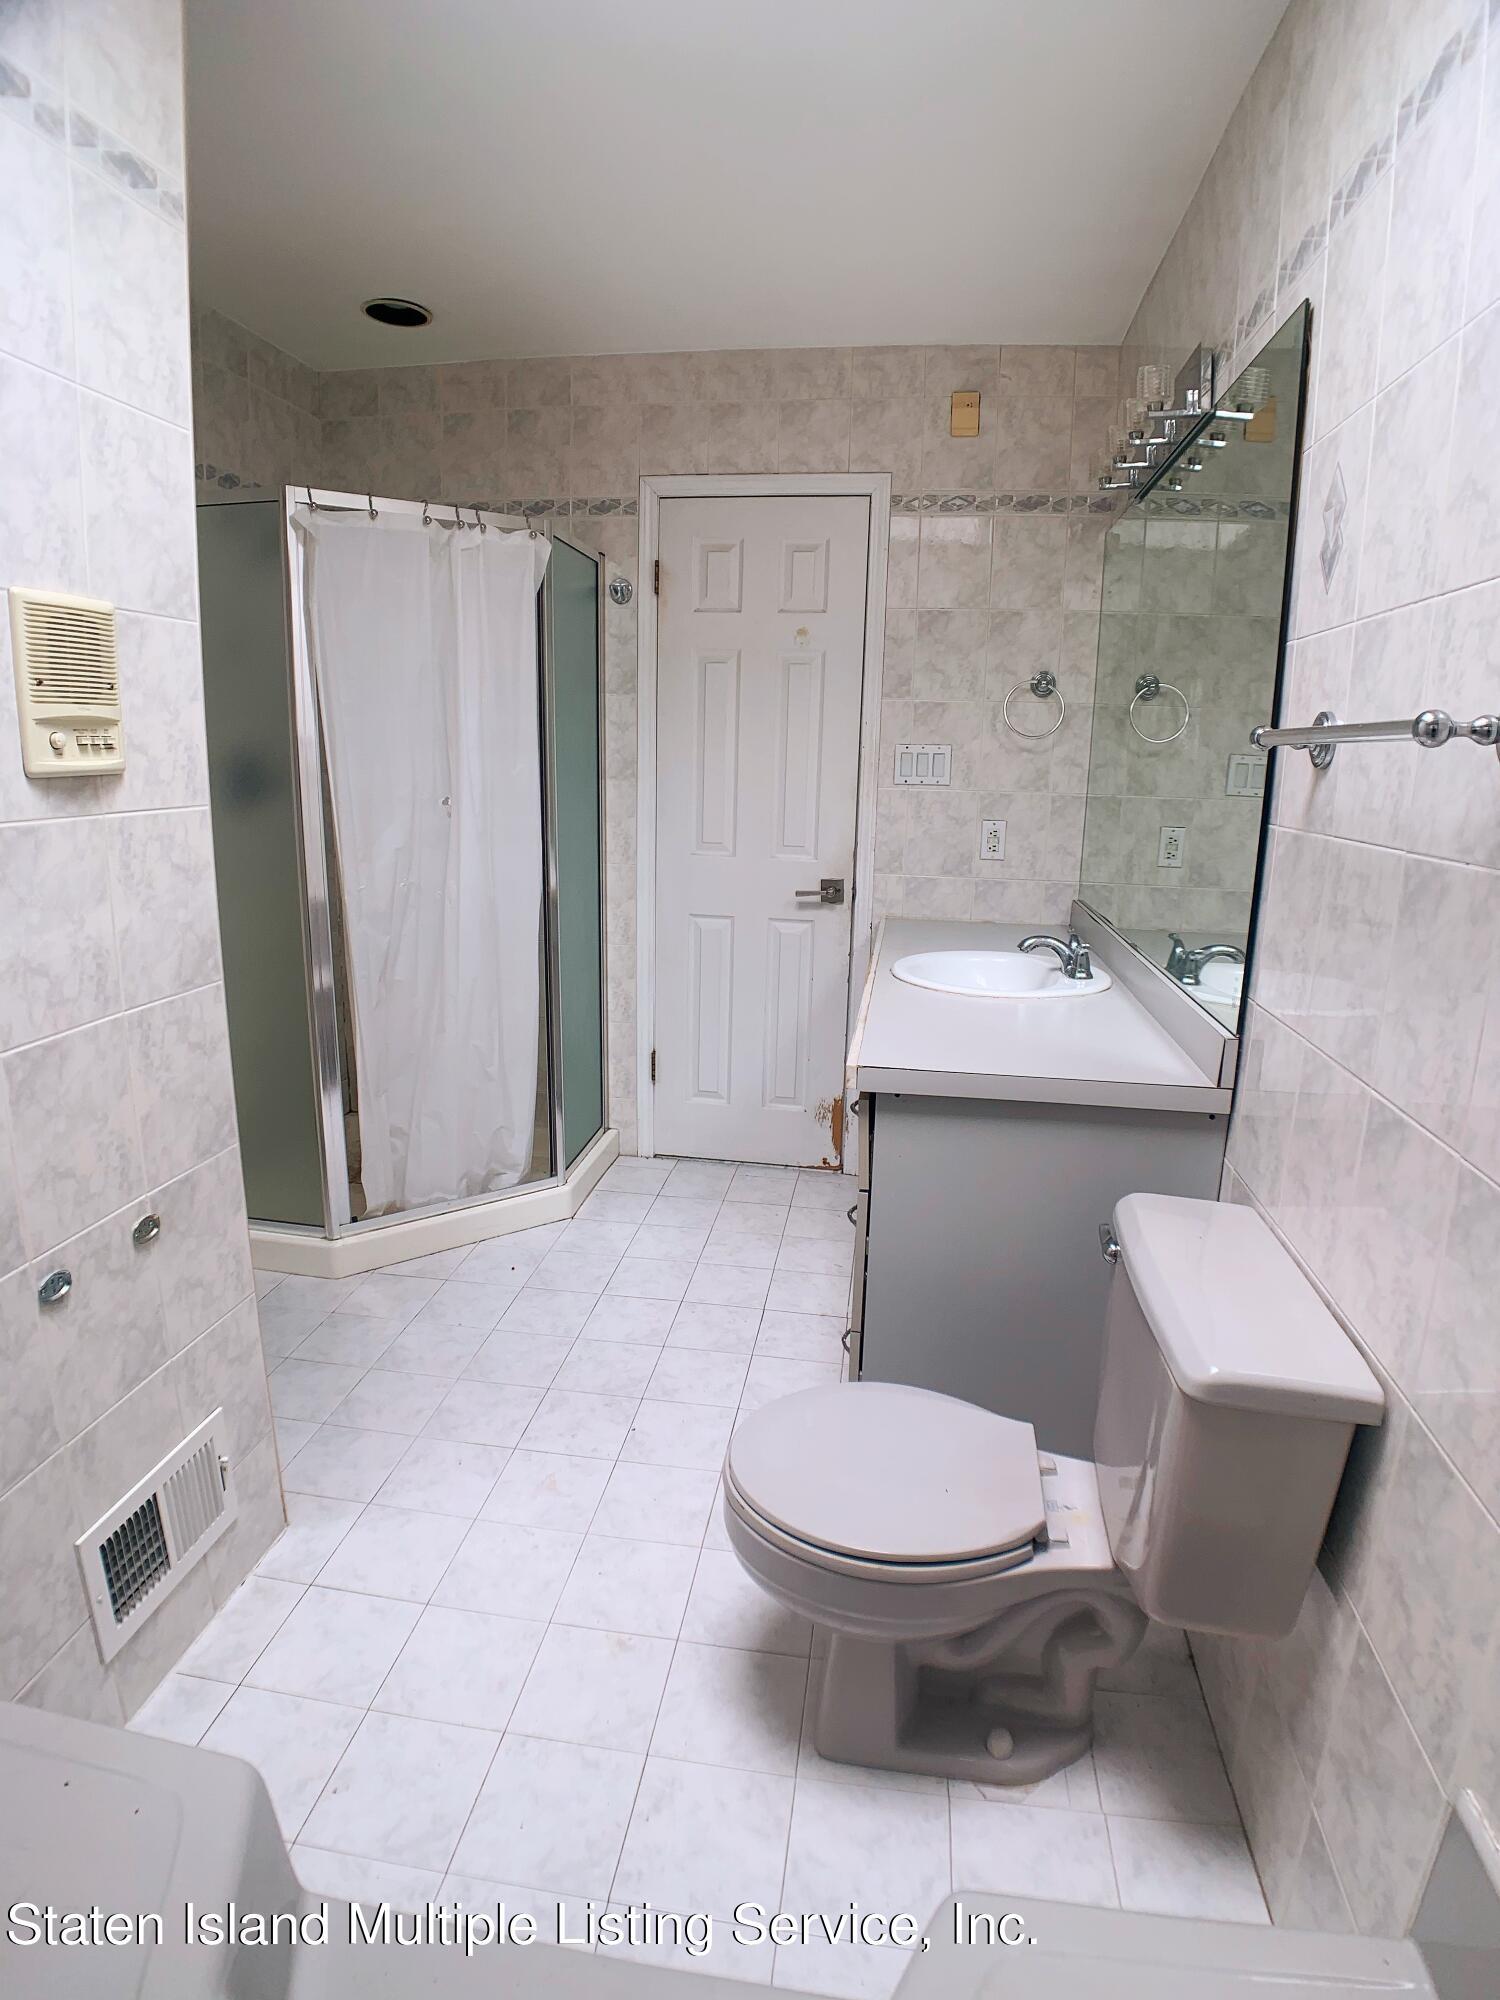 Two Family - Detached 115 Sharrotts Road  Staten Island, NY 10309, MLS-1146732-9